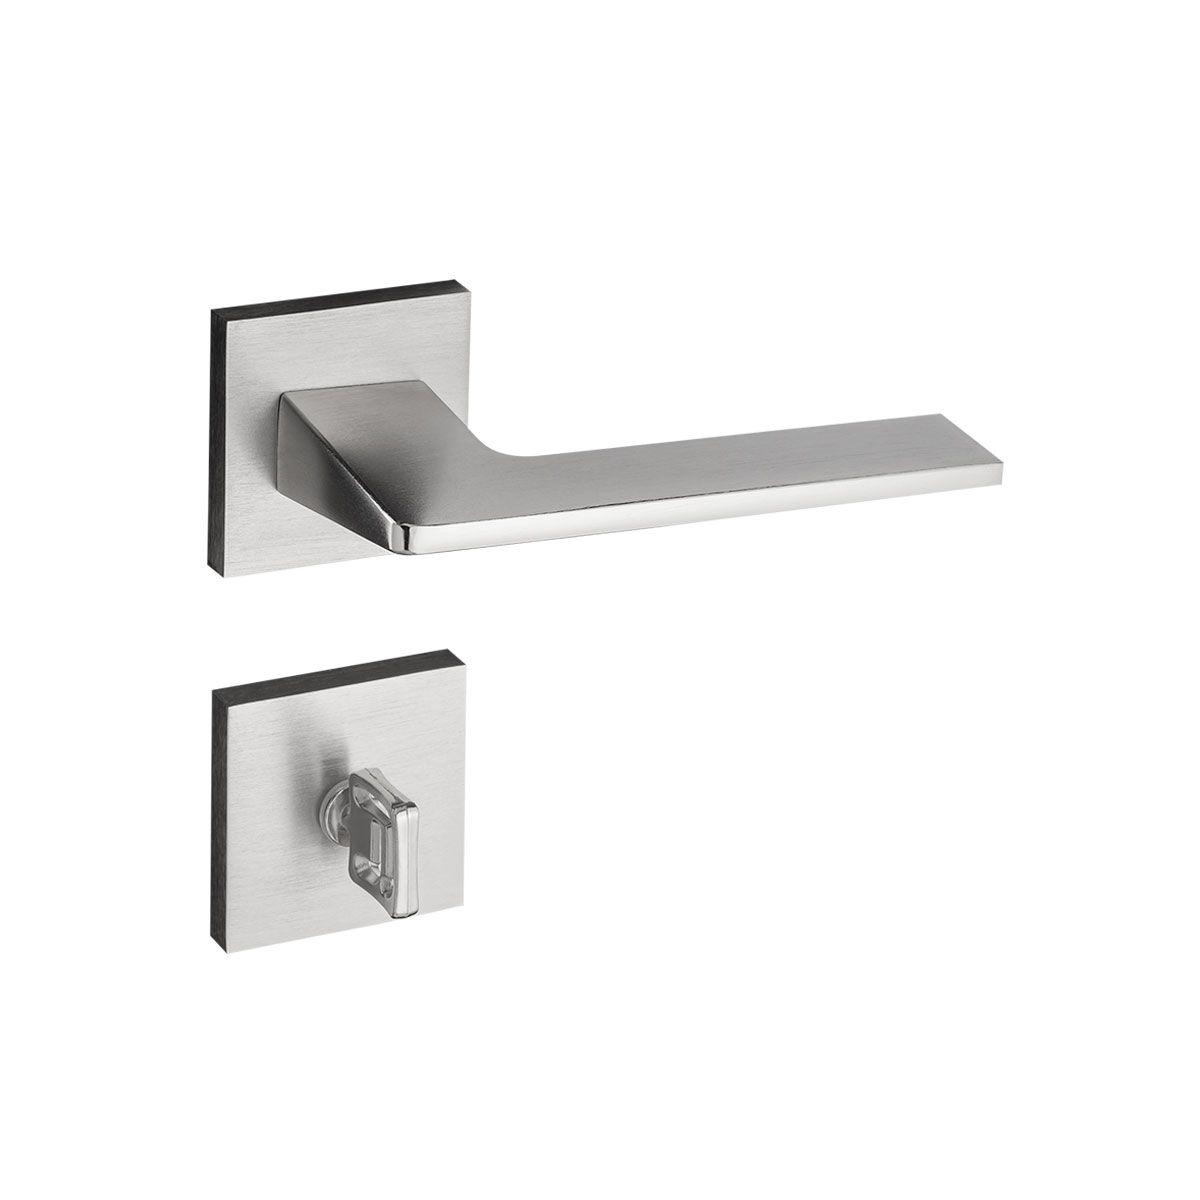 Fechadura Banheiro Pado Sara Roseta Quadrada Escovada 55mm